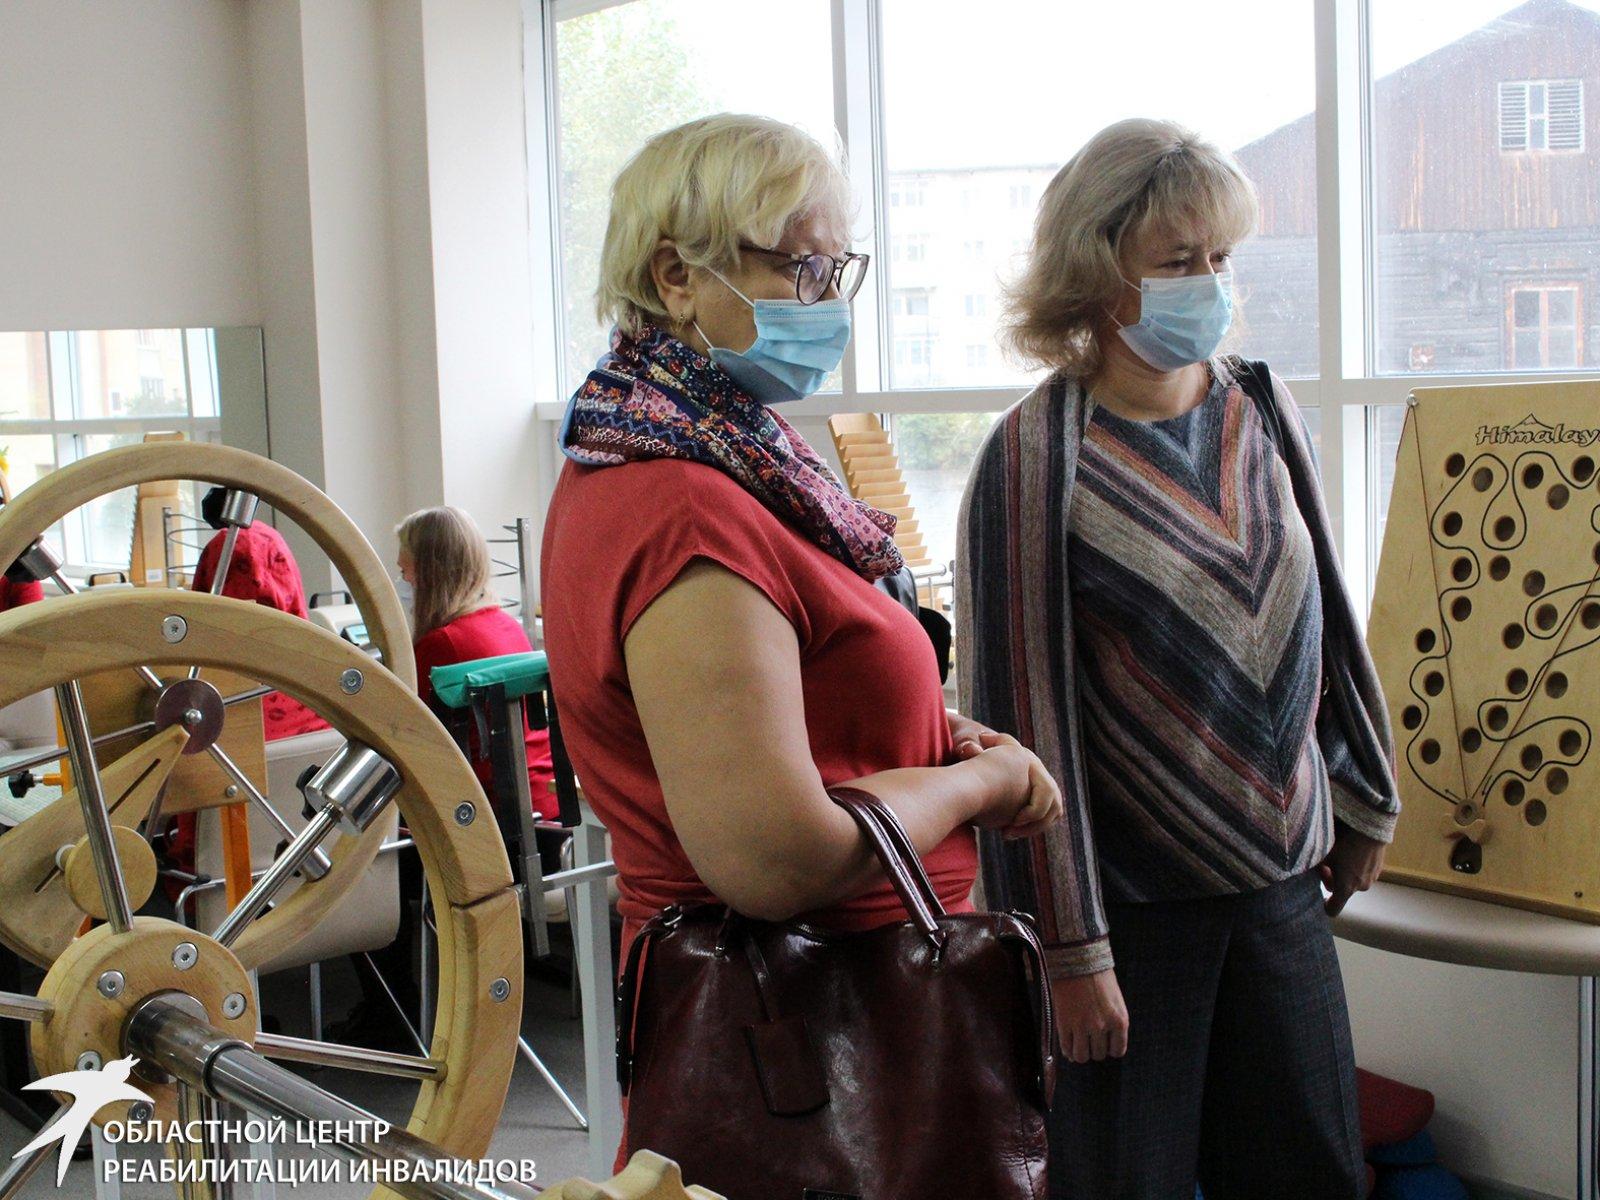 Планируется открытие Южного филиала Областного центра реабилитации инвалидов